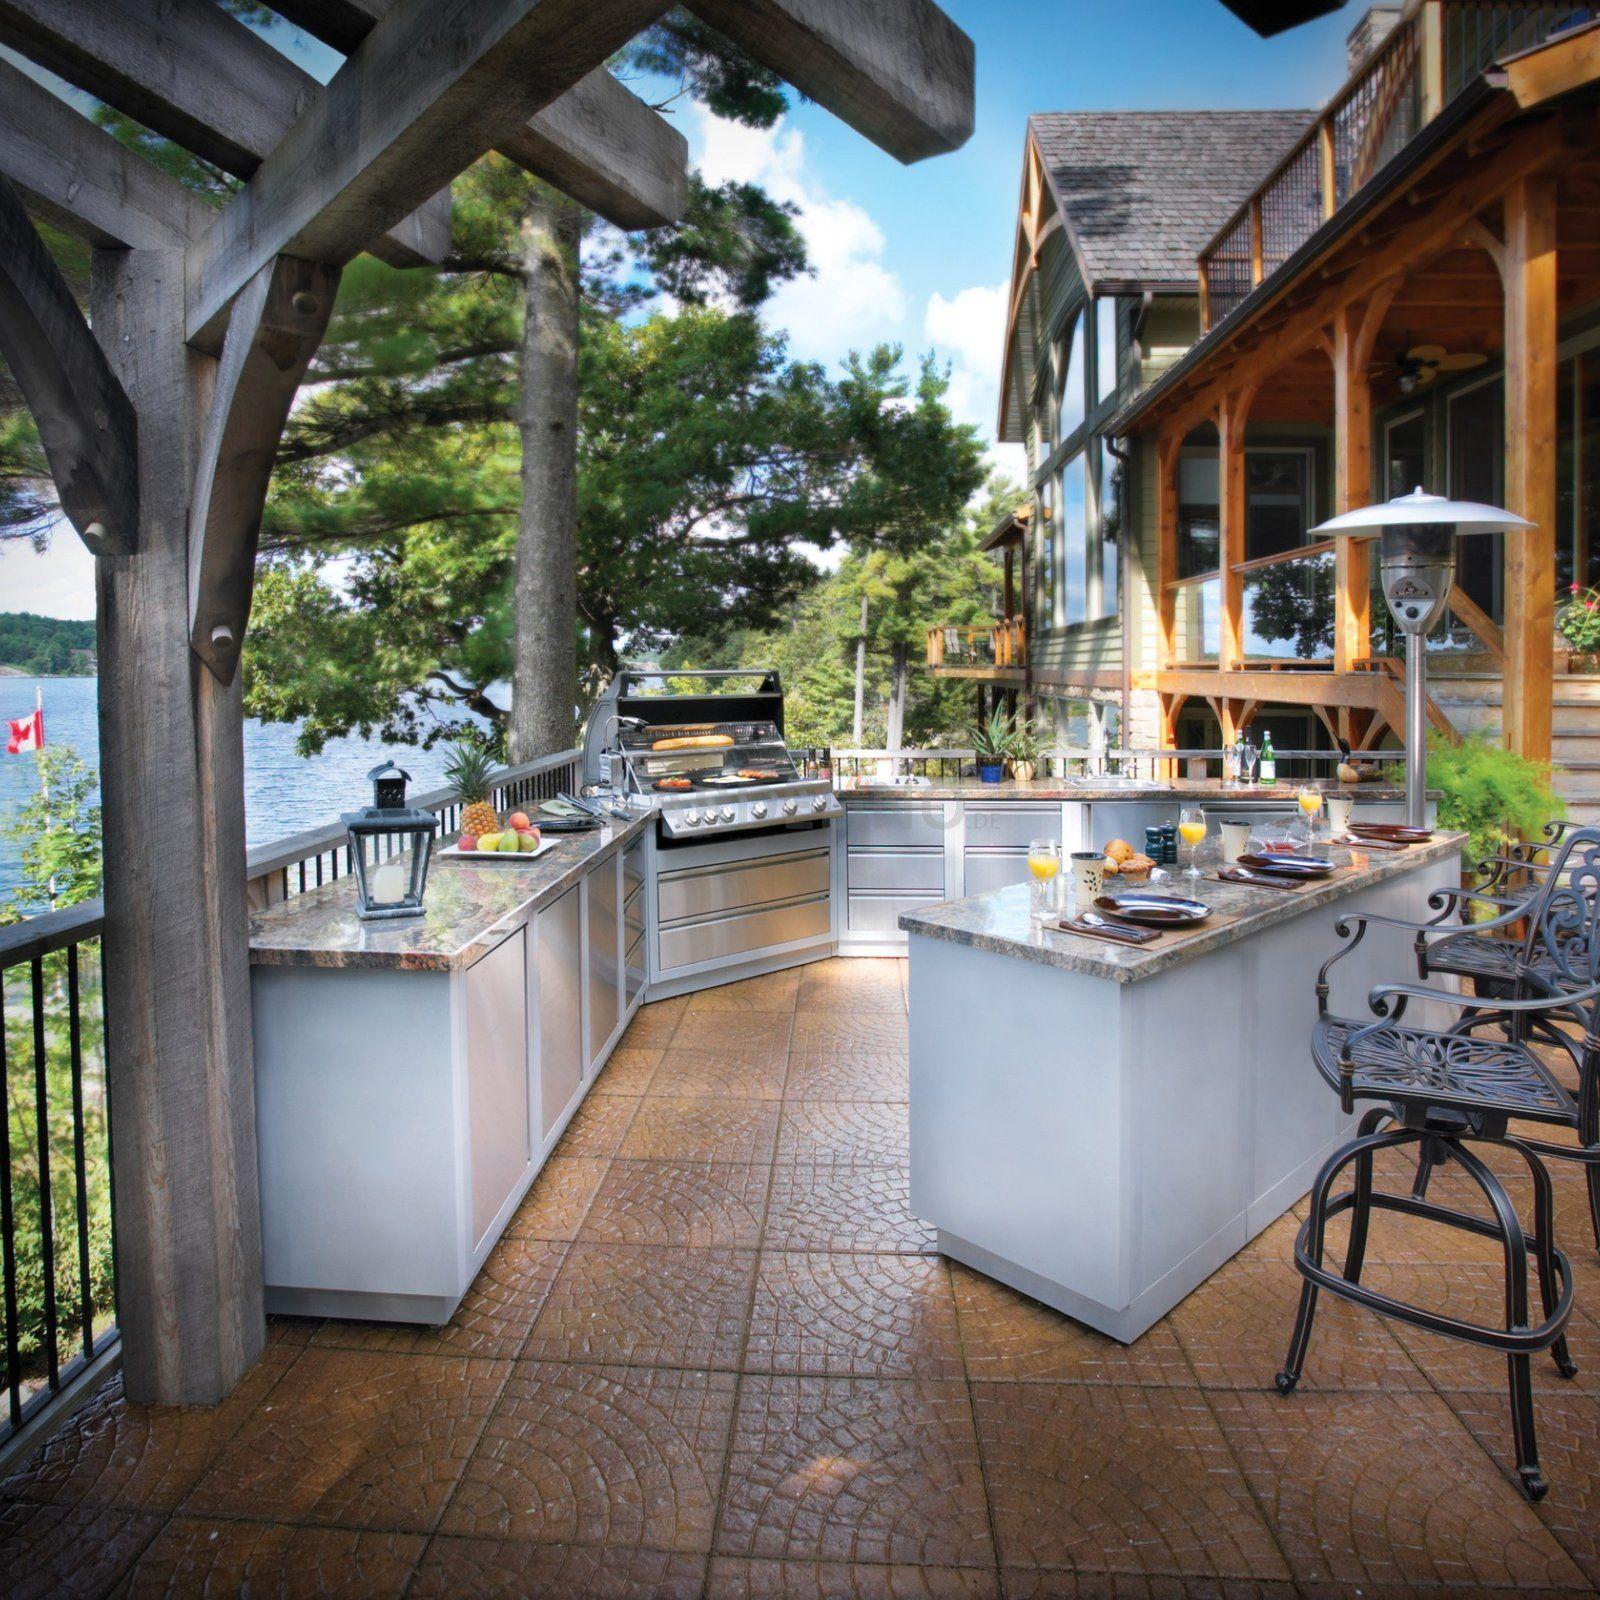 Full Size of Amerikanische Outdoor Küchen Jetzt Zu Einer Napoleon Oasis Kche Vom Auenkchen Küche Kaufen Regal Edelstahl Amerikanisches Bett Betten Wohnzimmer Amerikanische Outdoor Küchen